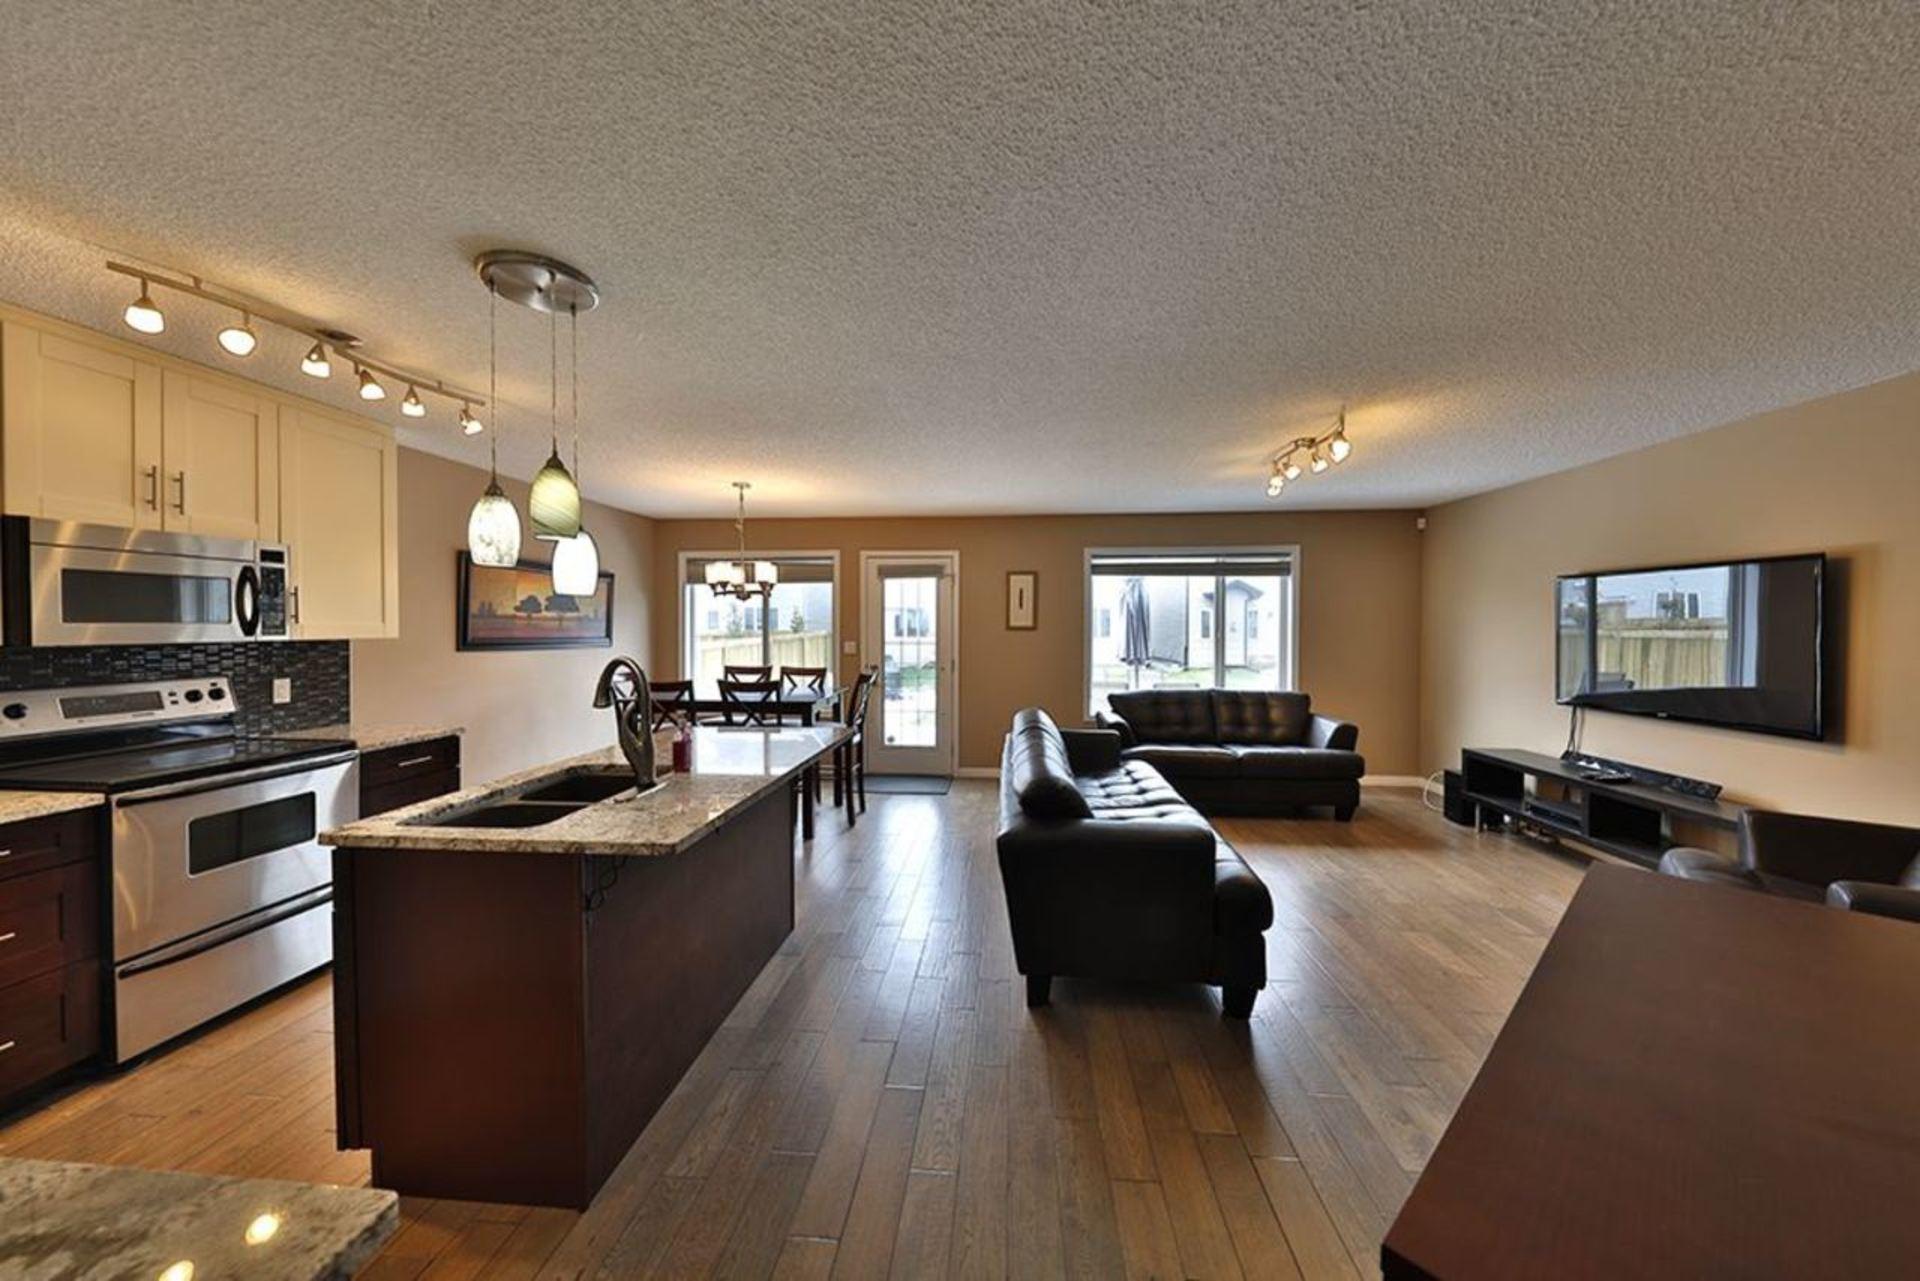 17316-119-street-canossa-edmonton-03 at 17316 119 Street, Canossa, Edmonton